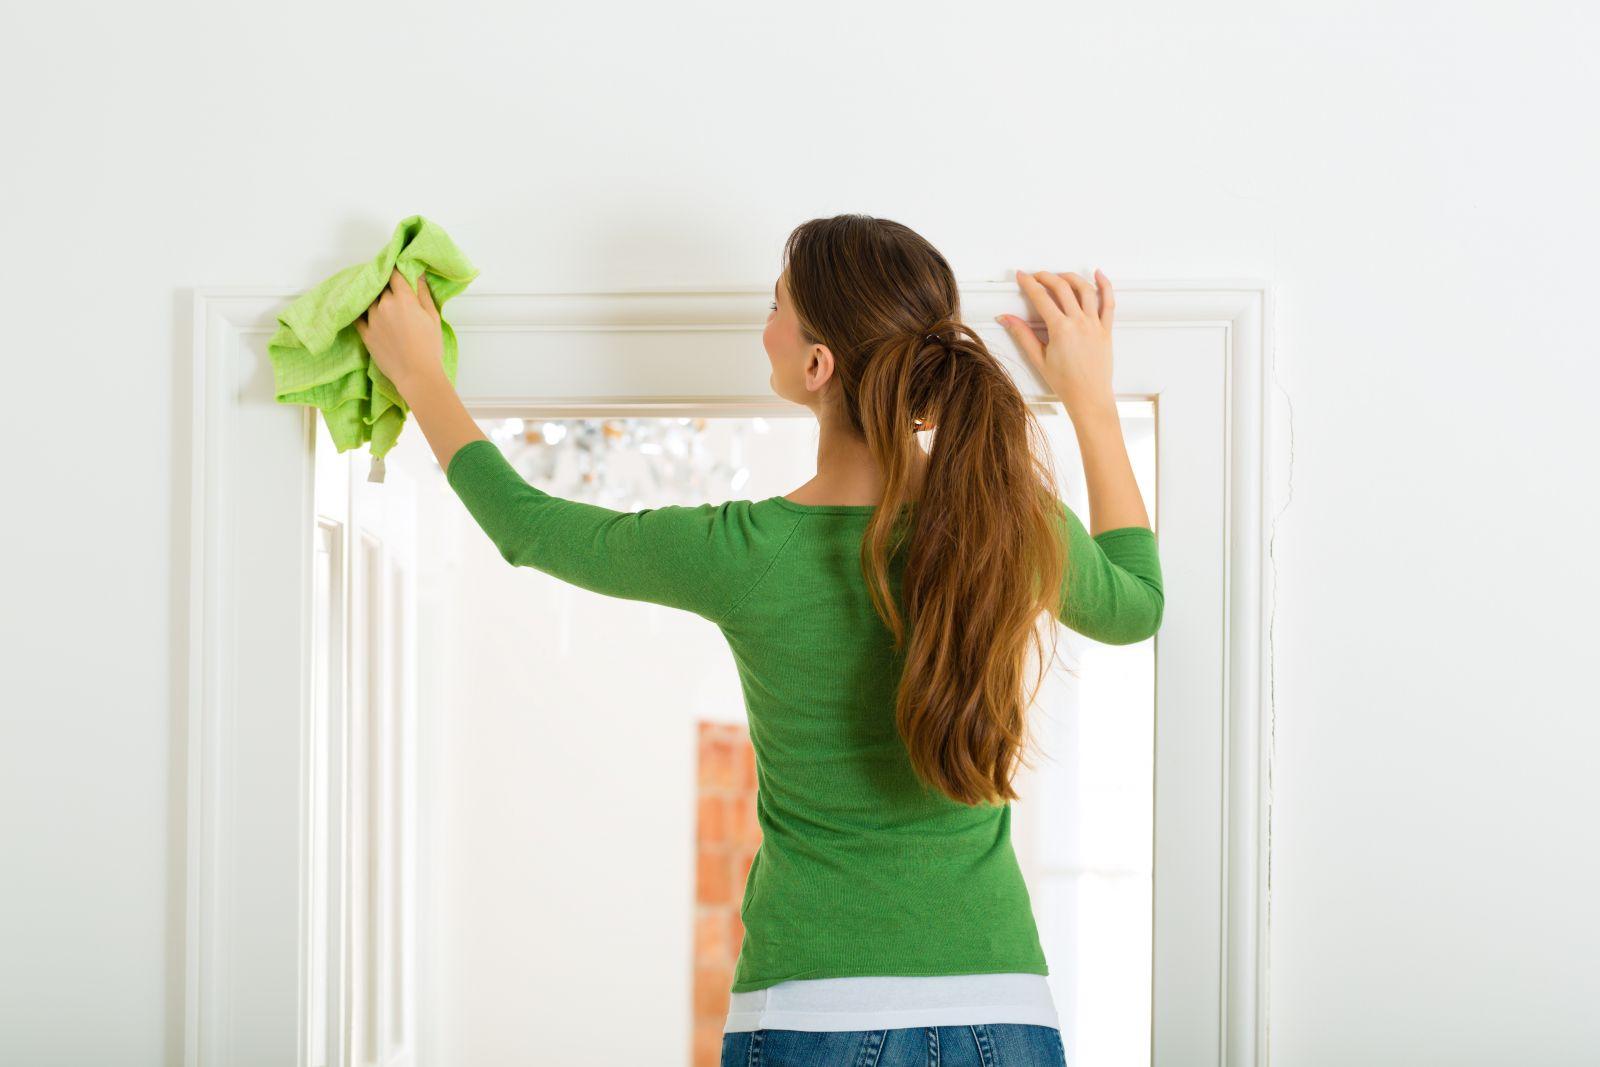 Как сделать более чистымшоп